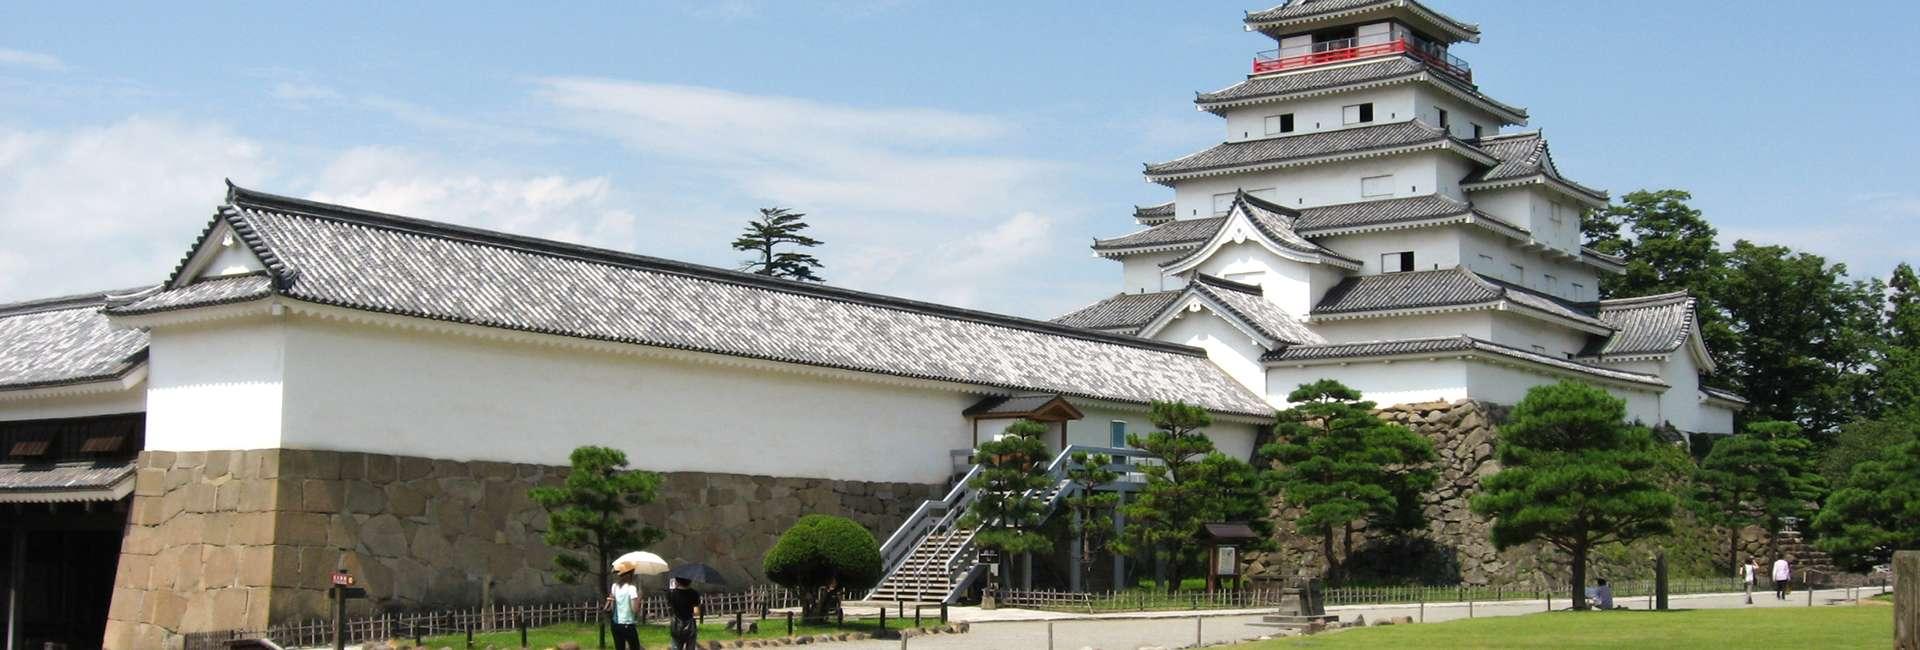 Château Tsuruga à Aizuwakamatsu